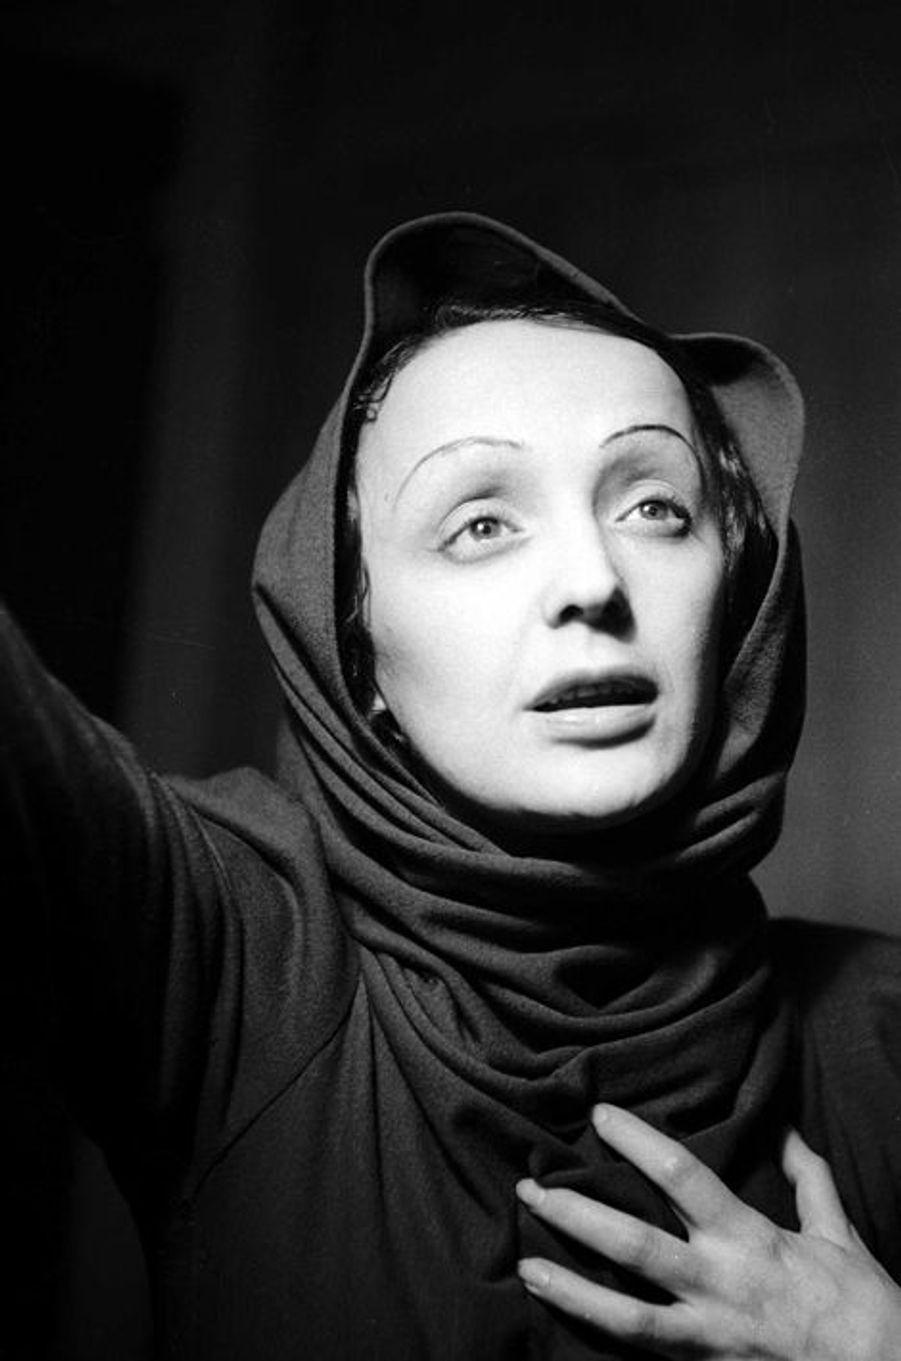 1940 : Edith Piaf joue dans la pièce «Le Bel Indifferent» aux Bouffes Parisiennes, au côté de Jean Cocteau.